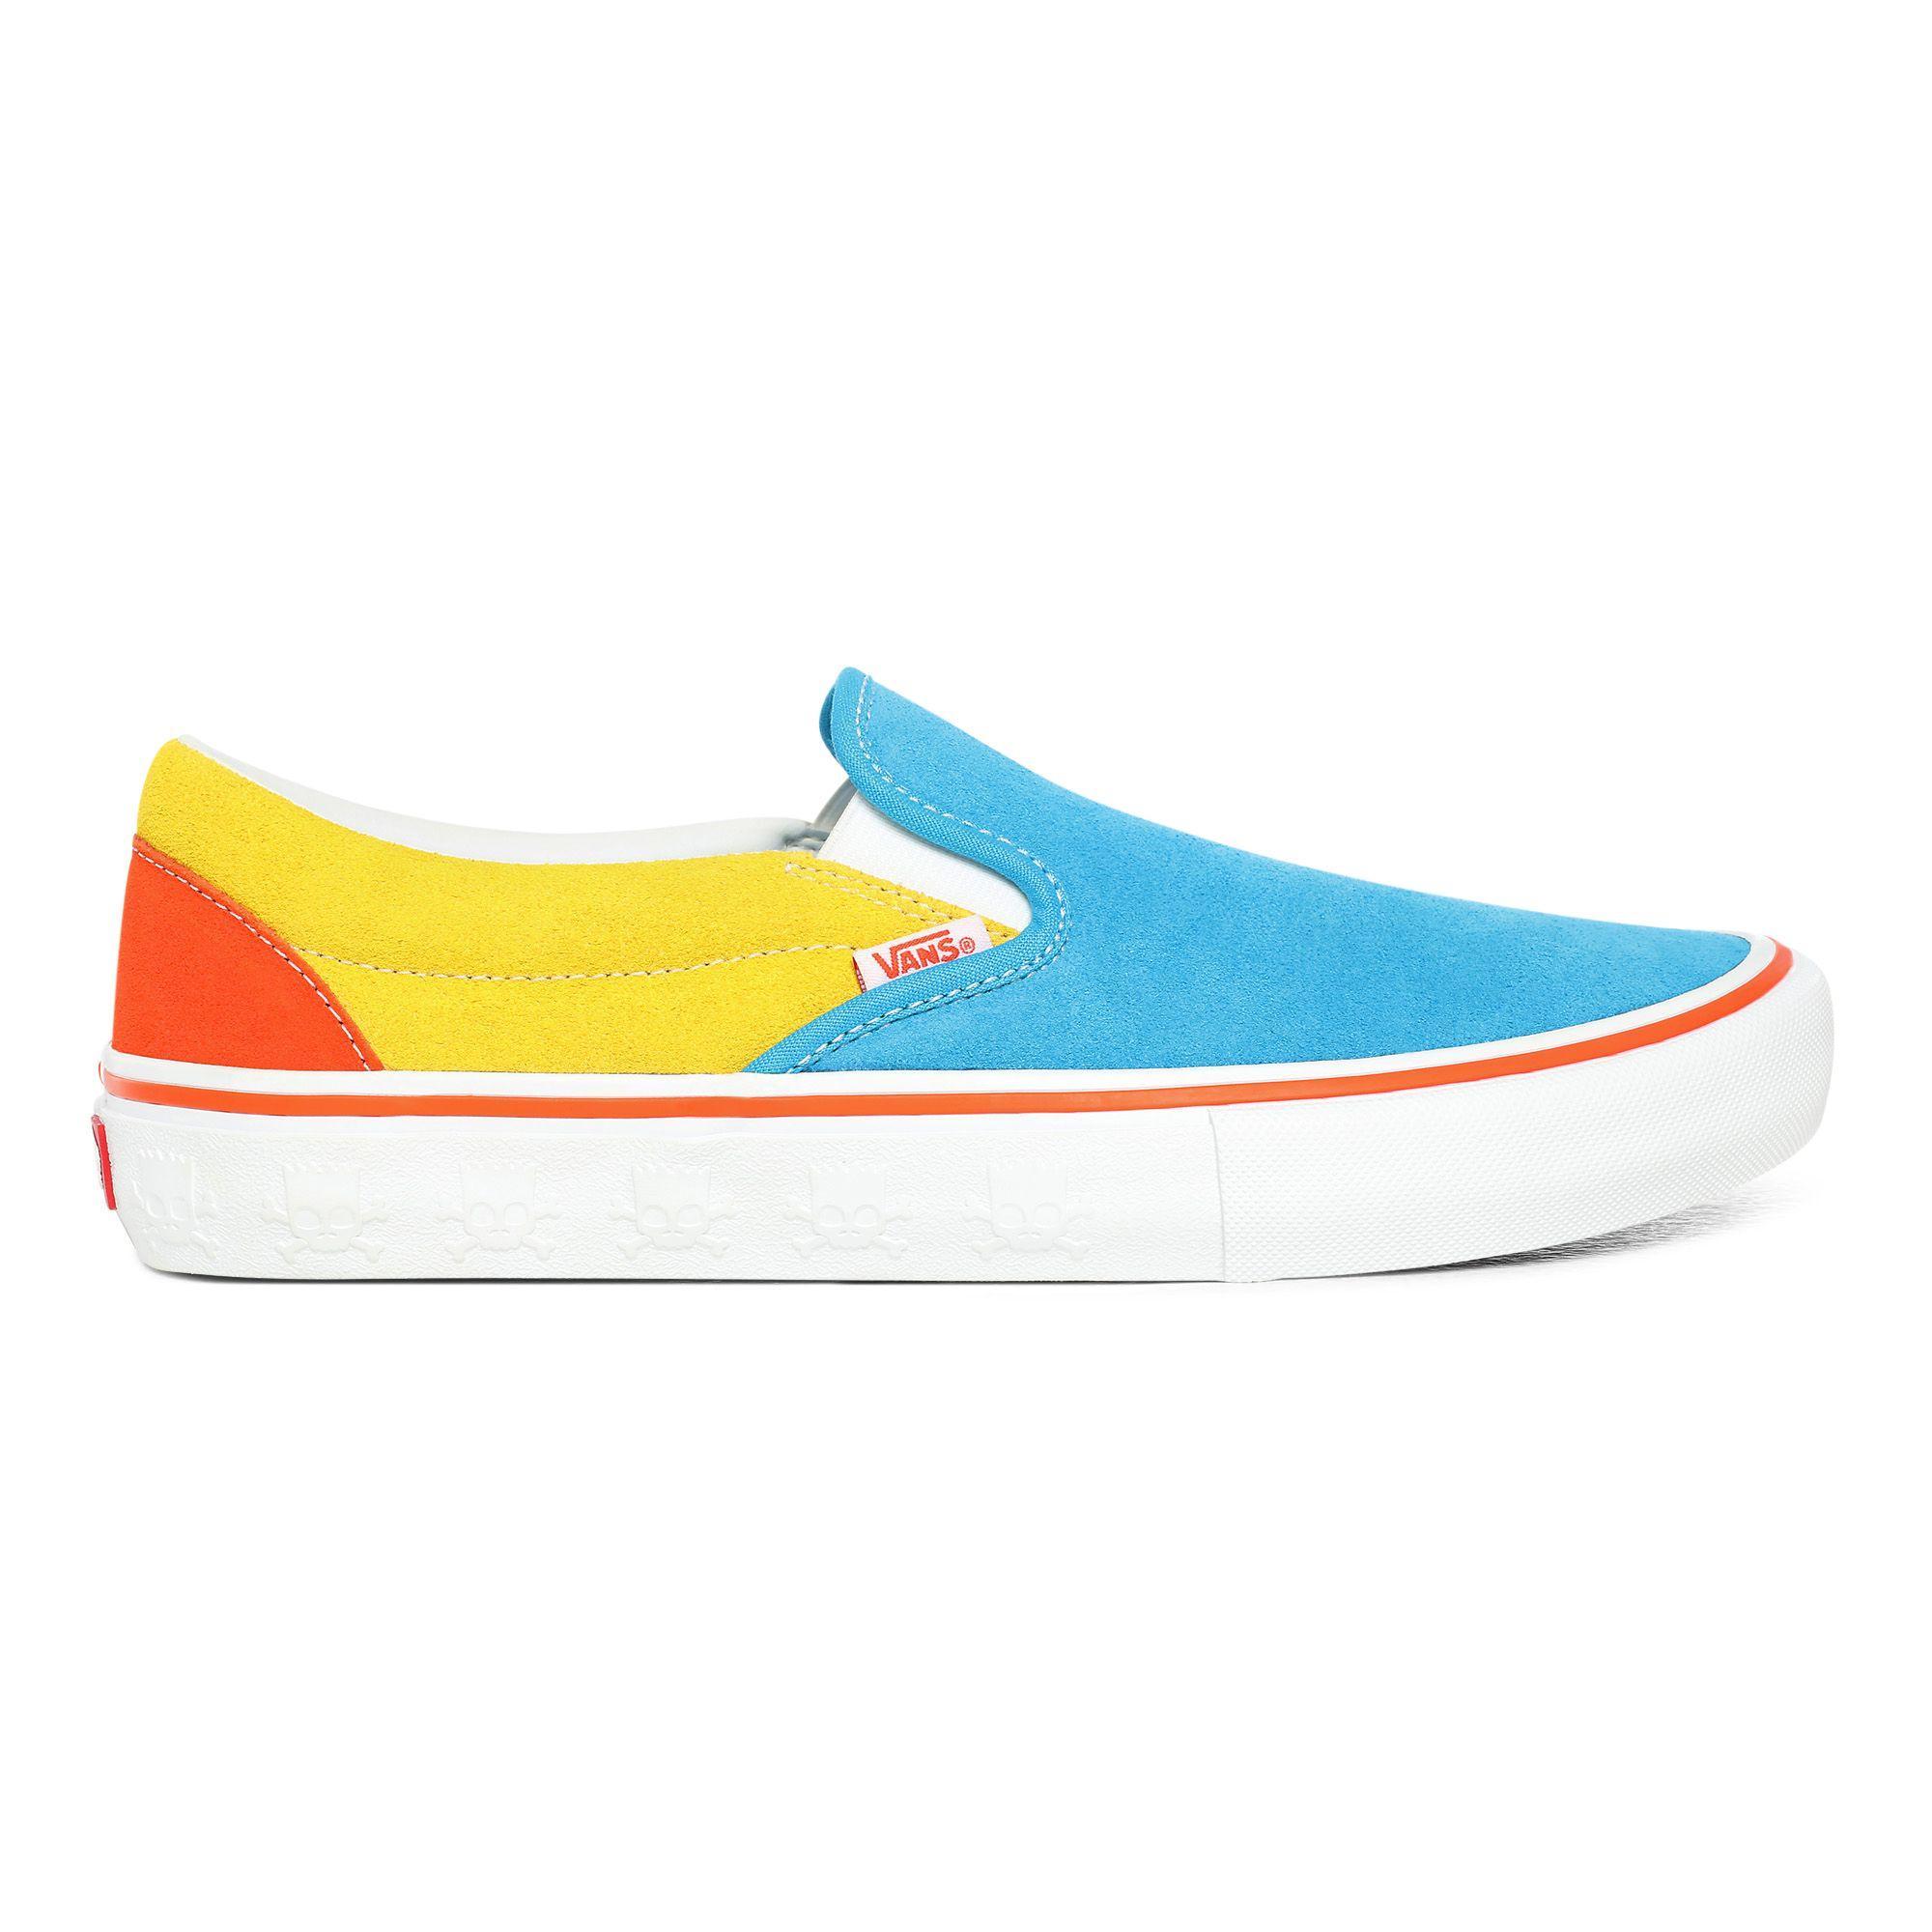 Chaussures The Simpsons X Slip-on Pro Toile Vans en coloris Bleu ...